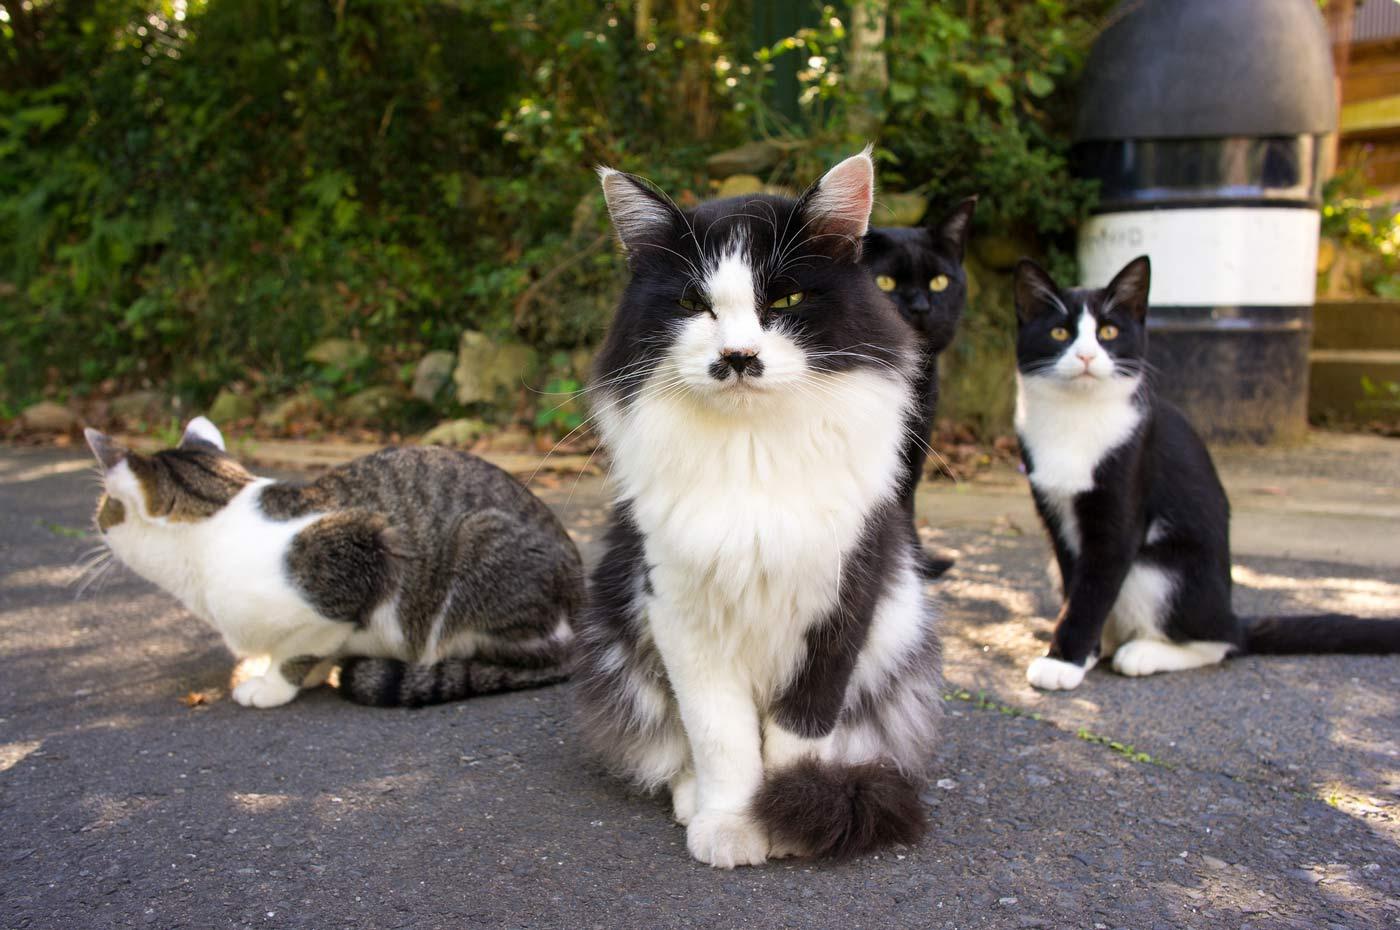 Tashirojima, l'isola giapponese con più gatti che esseri umani